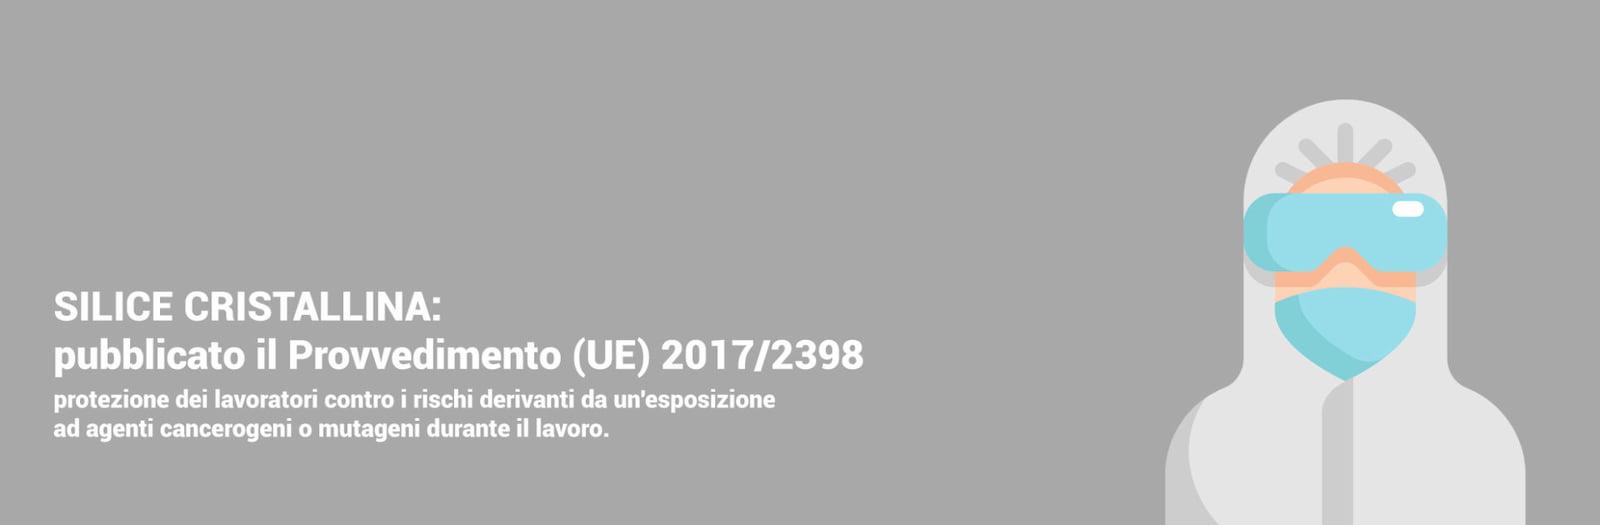 SILICE CRISTALLINA: pubblicato il Provvedimento (UE) 2017/2398 per la protezione dei Lavoratori